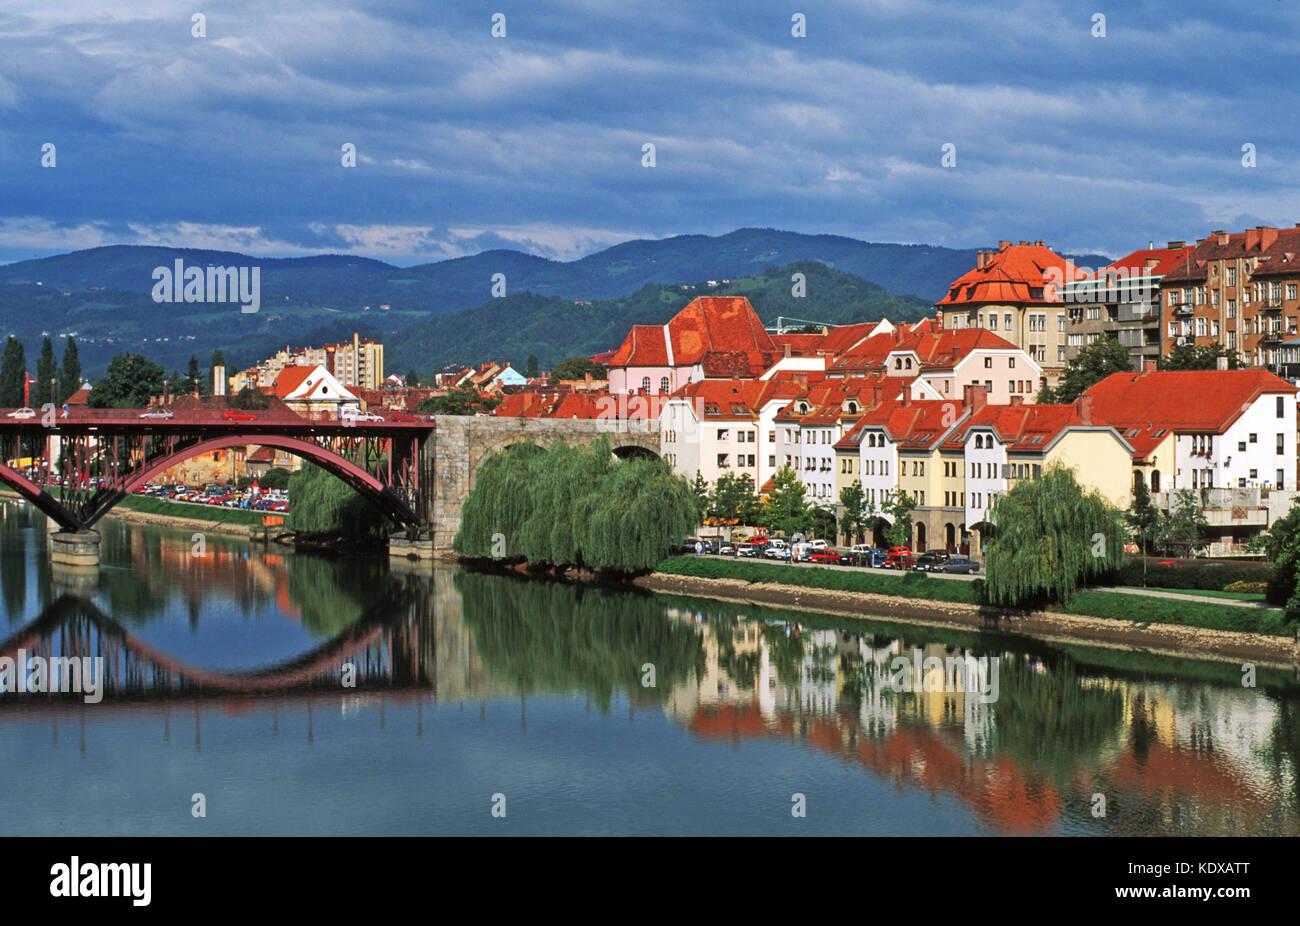 Slowenien, Maribor, Blick über die Drava (Drau) auf das Hafen- und Flösserviertel Lent - Stock Image